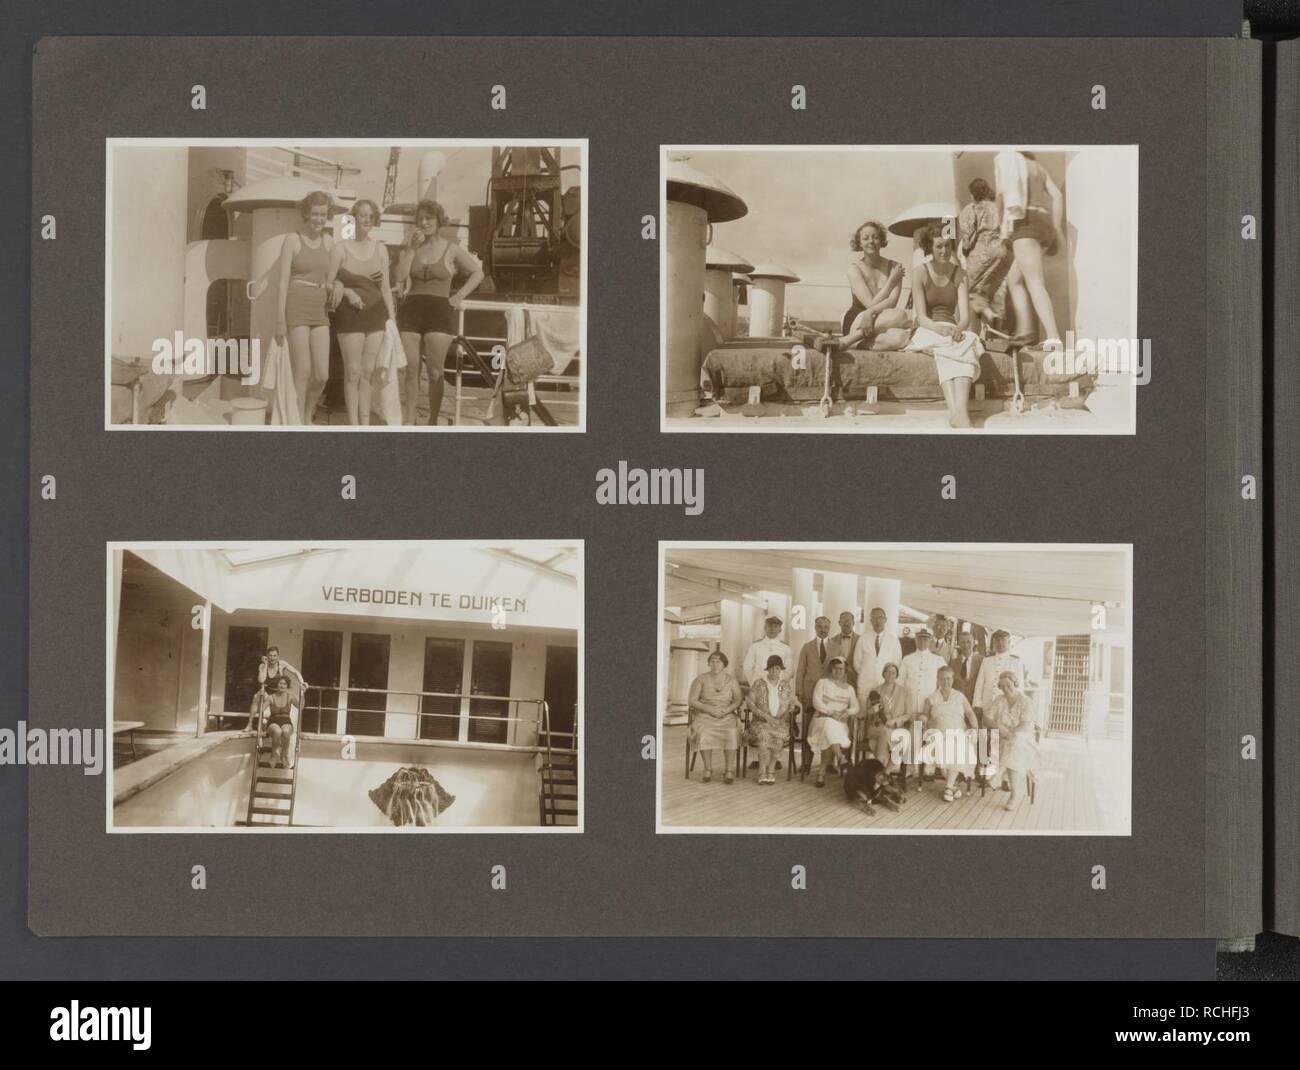 Badpak 36.Albumblad Met Vier Fotos Linksboven Drie Dames In Badpak Bij Het